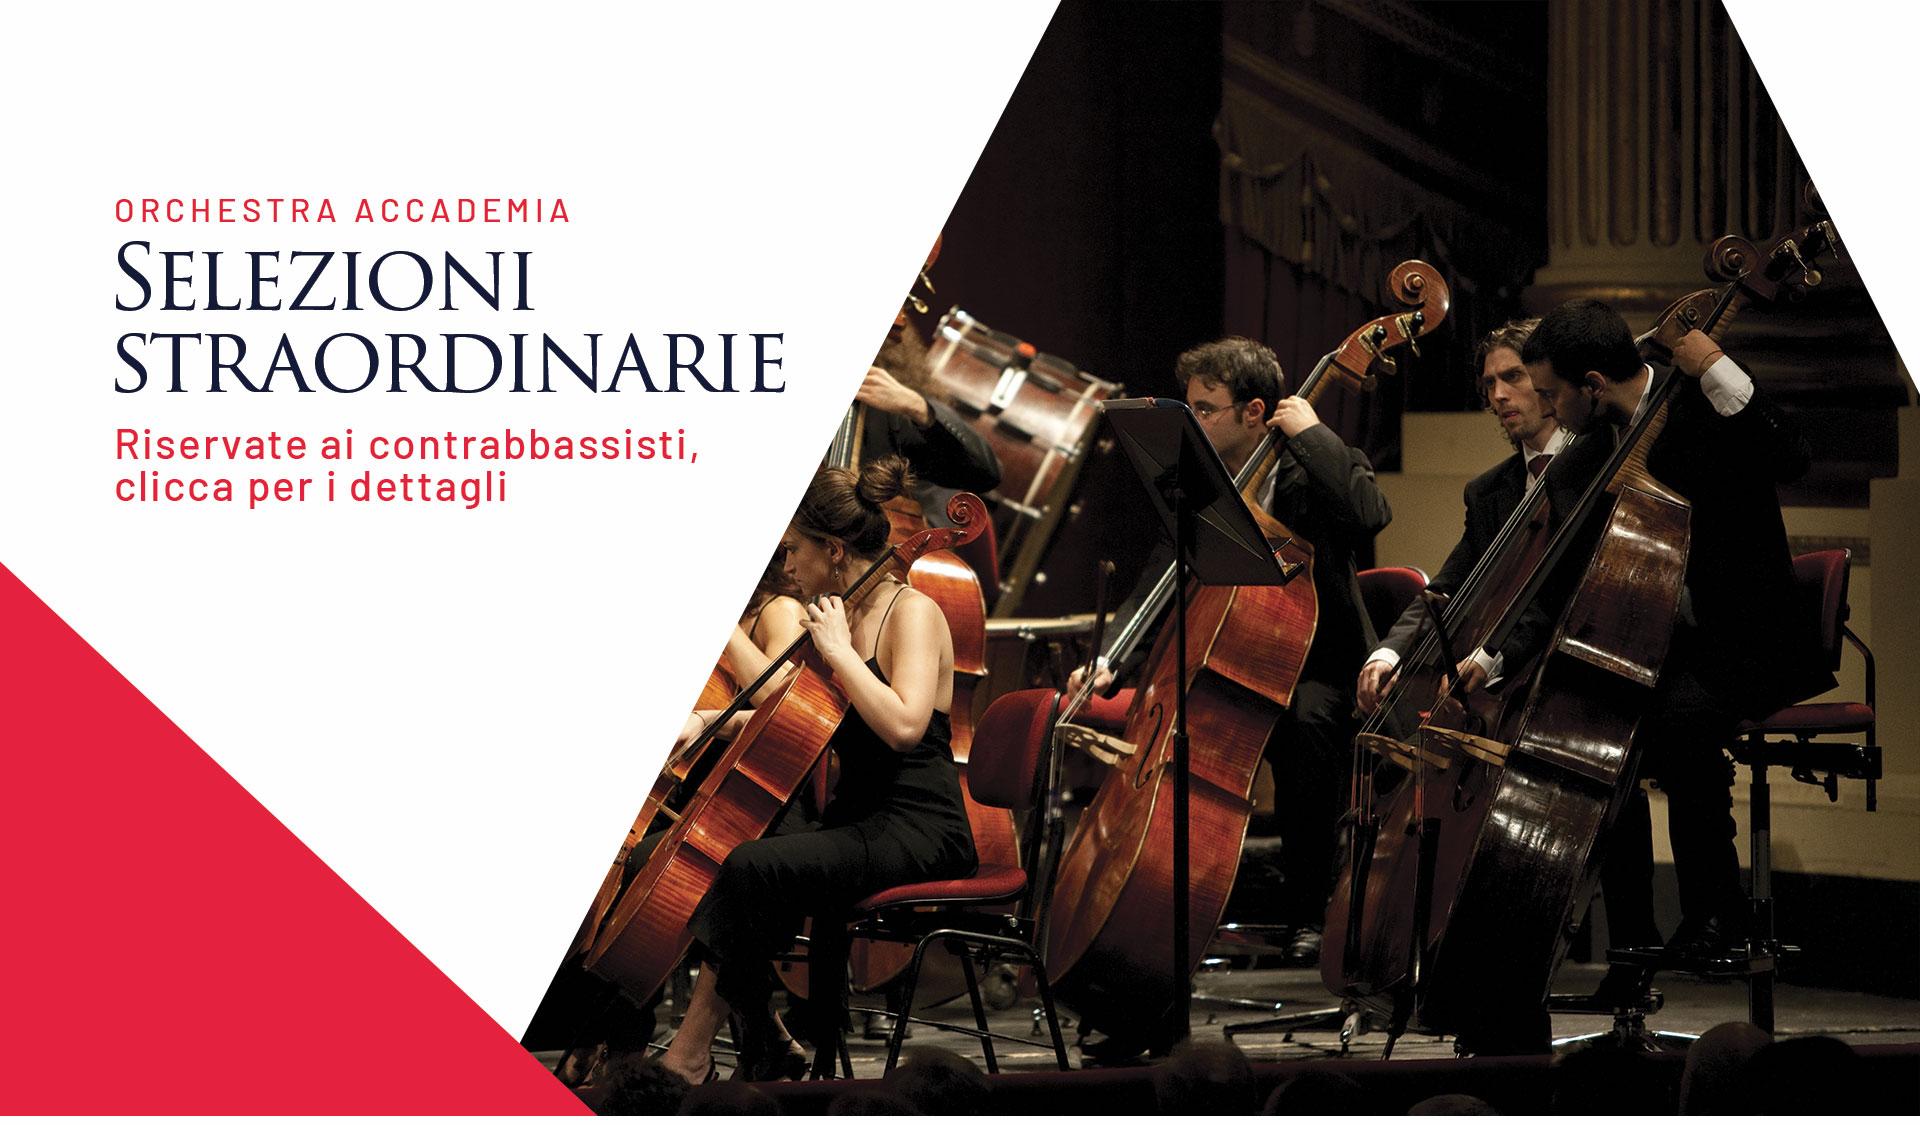 selezioni per contrabbassi orchestra accademia